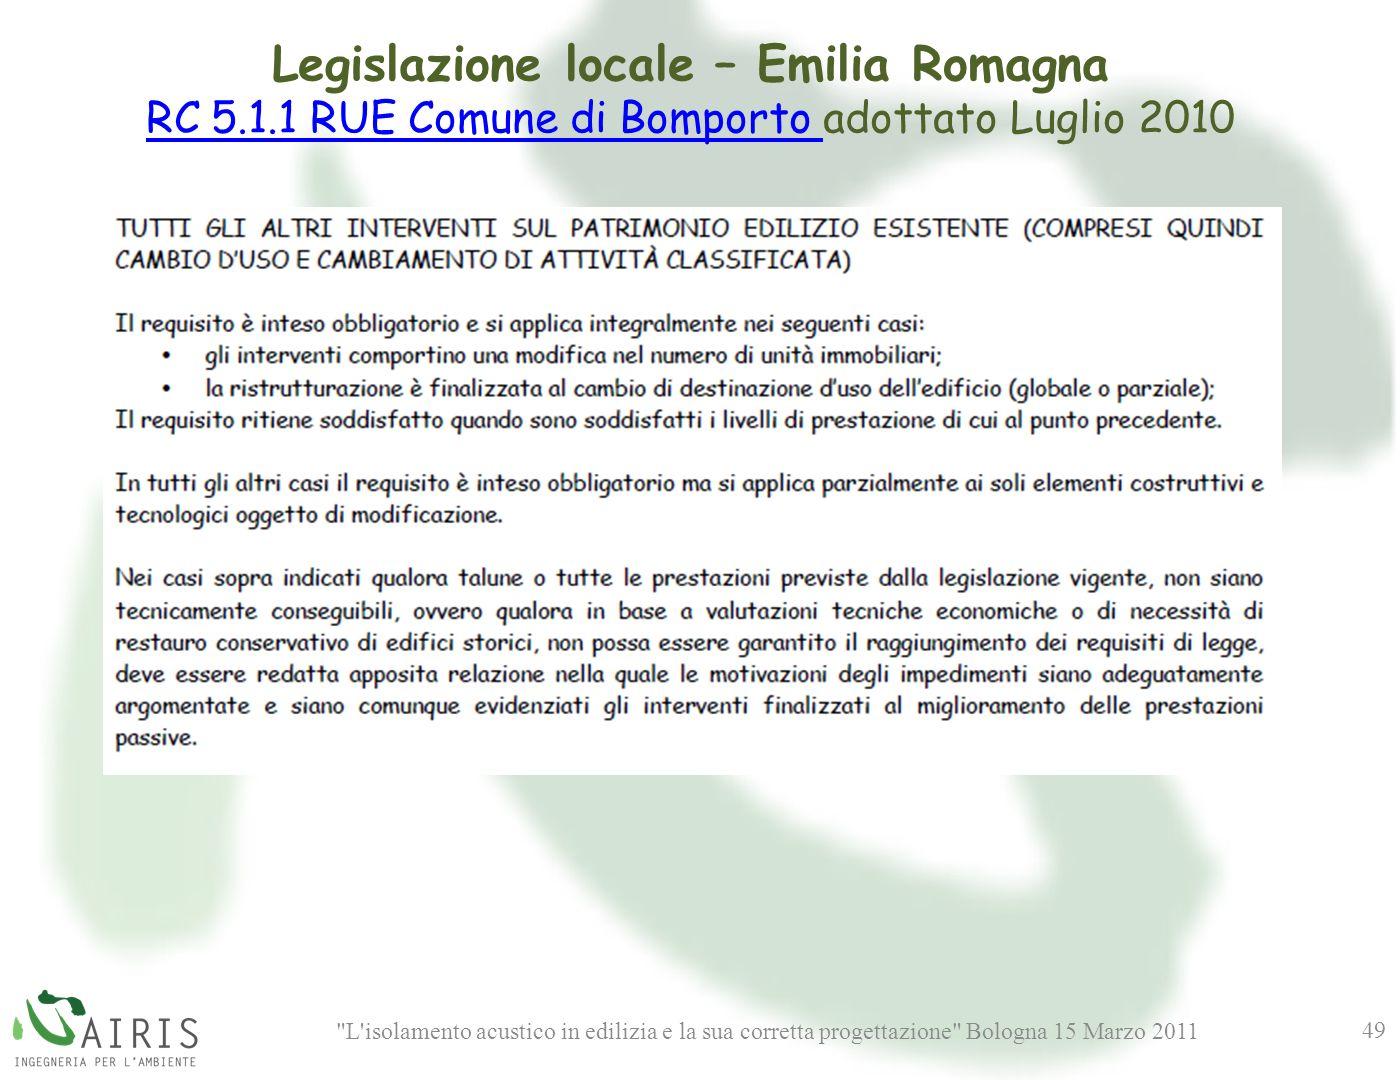 L isolamento acustico in edilizia e la sua corretta progettazione Bologna 15 Marzo 2011 49 Legislazione locale – Emilia Romagna RC 5.1.1 RUE Comune di Bomporto RC 5.1.1 RUE Comune di Bomporto adottato Luglio 2010